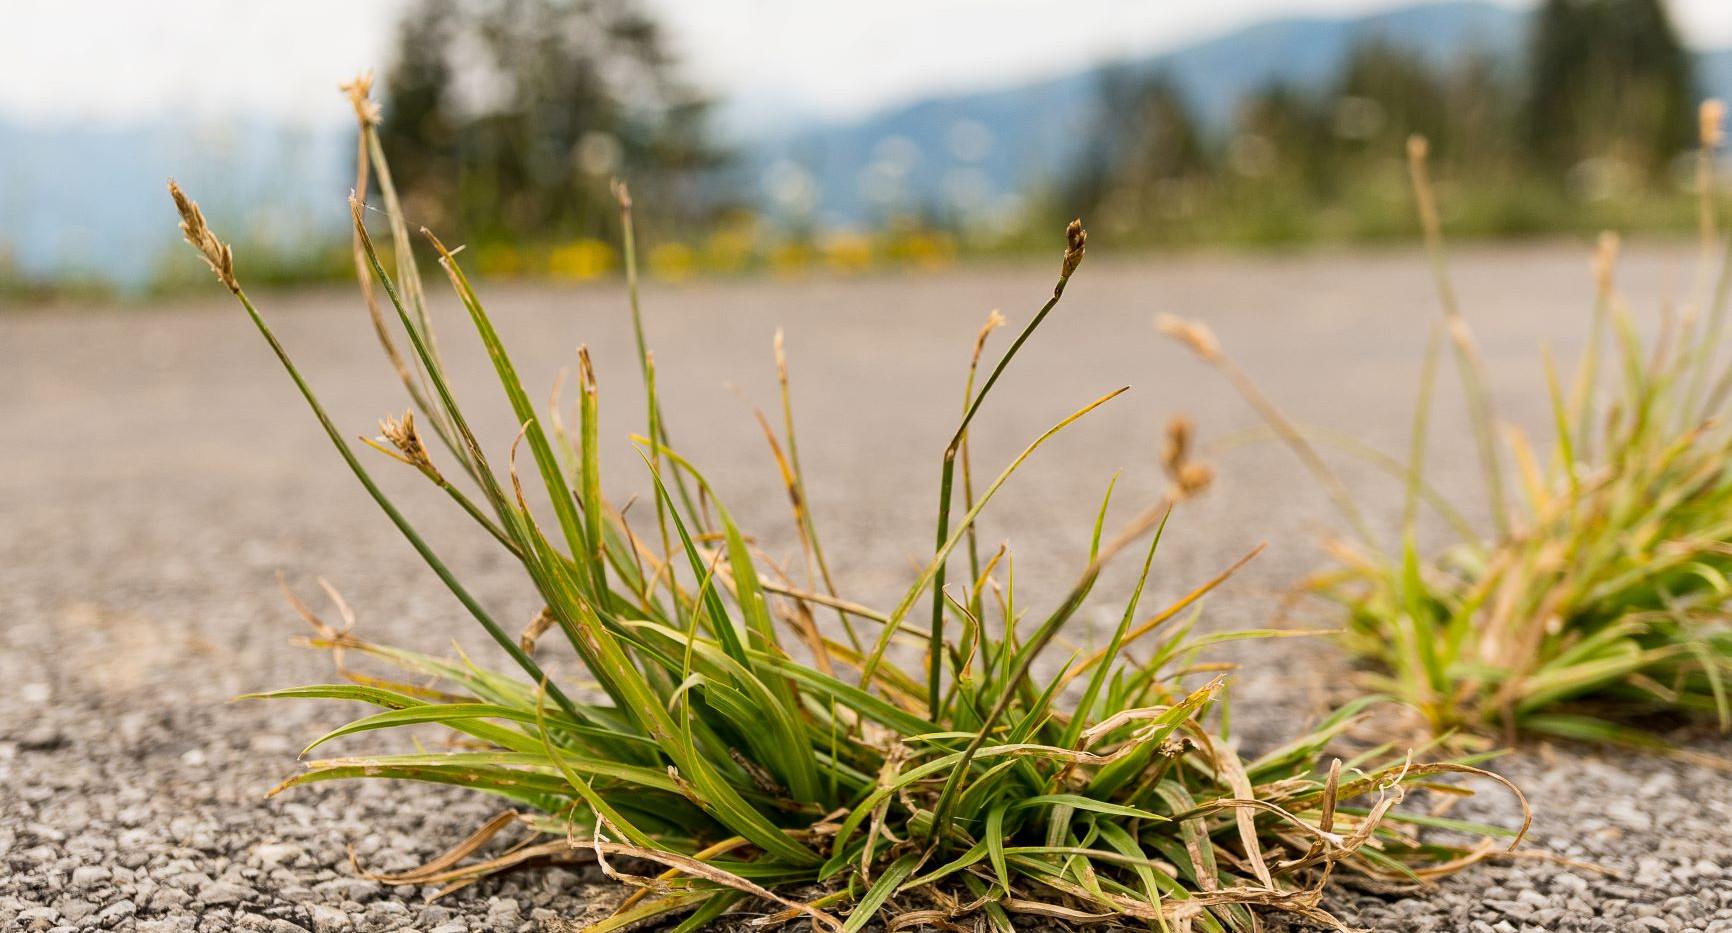 Sprössling_Gras2.jpg